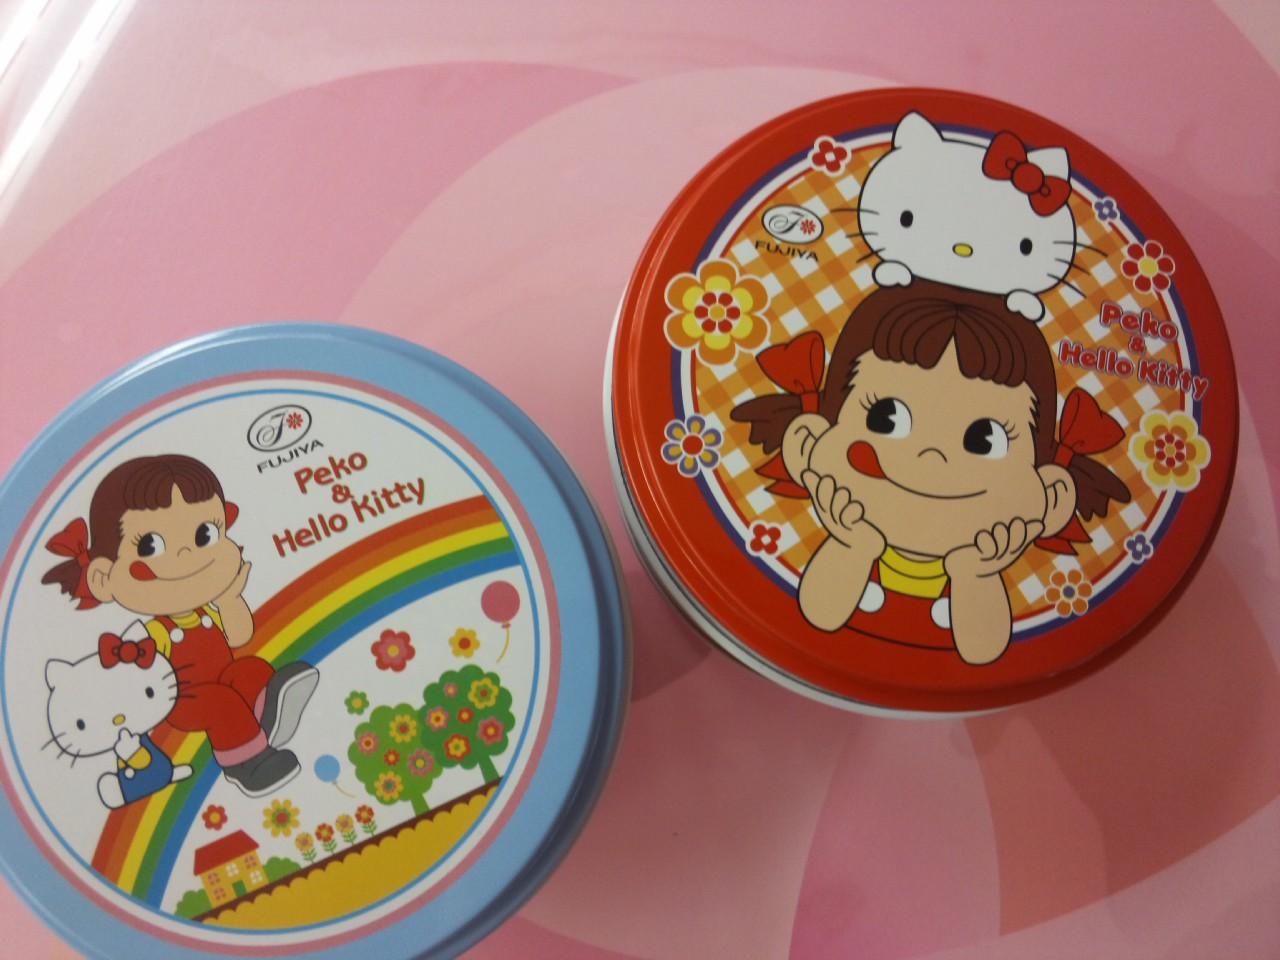 ペコ&ハローキティキャンディ缶!